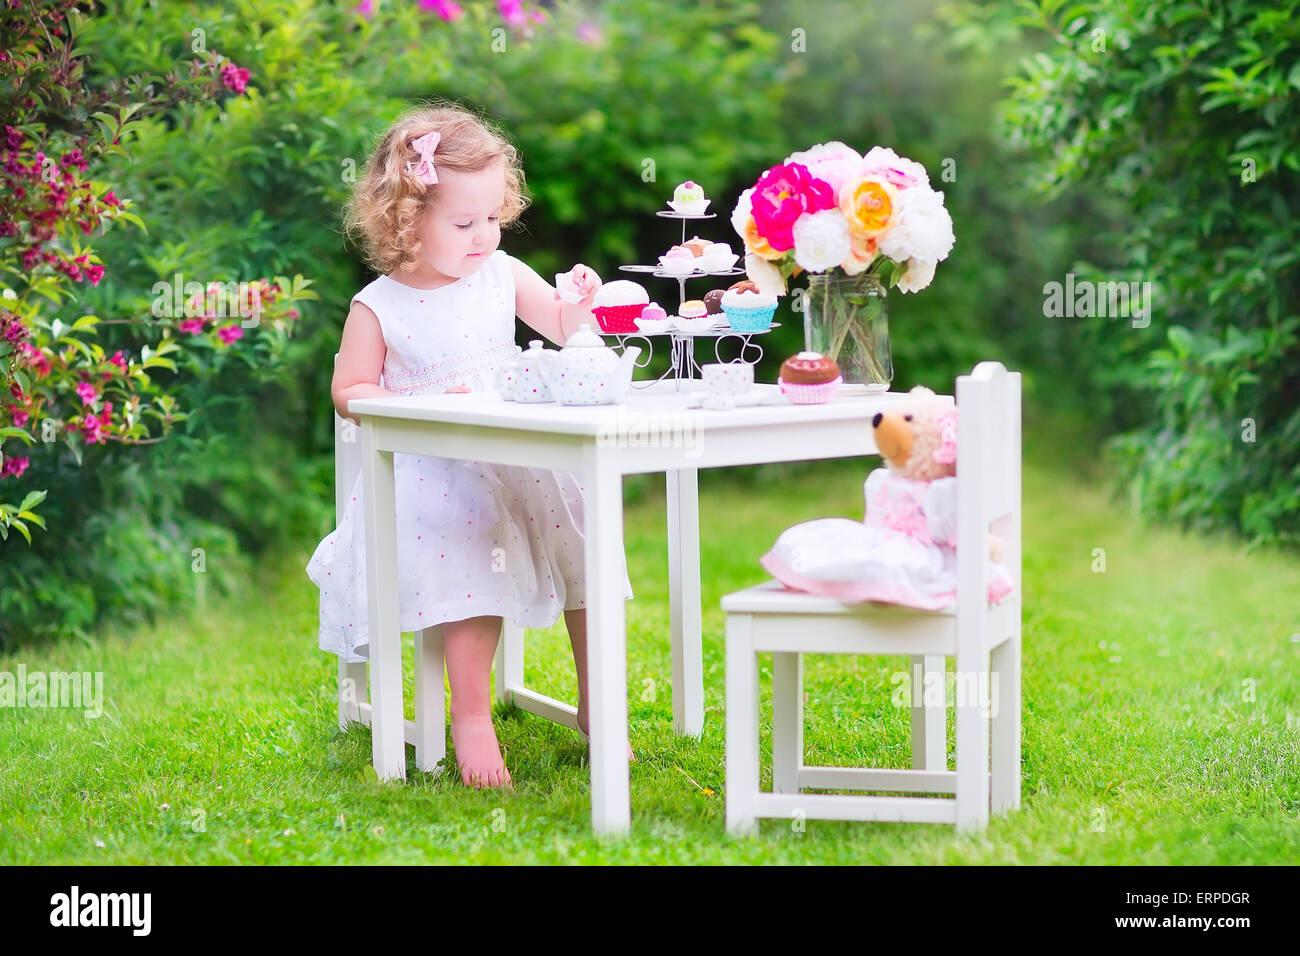 Entzückende Kleinkind Mädchen mit dem lockigen Haar trägt ein buntes Kleid an ihrem Geburtstag spielen Teeparty mit einer Puppe Teddybär Stockfoto